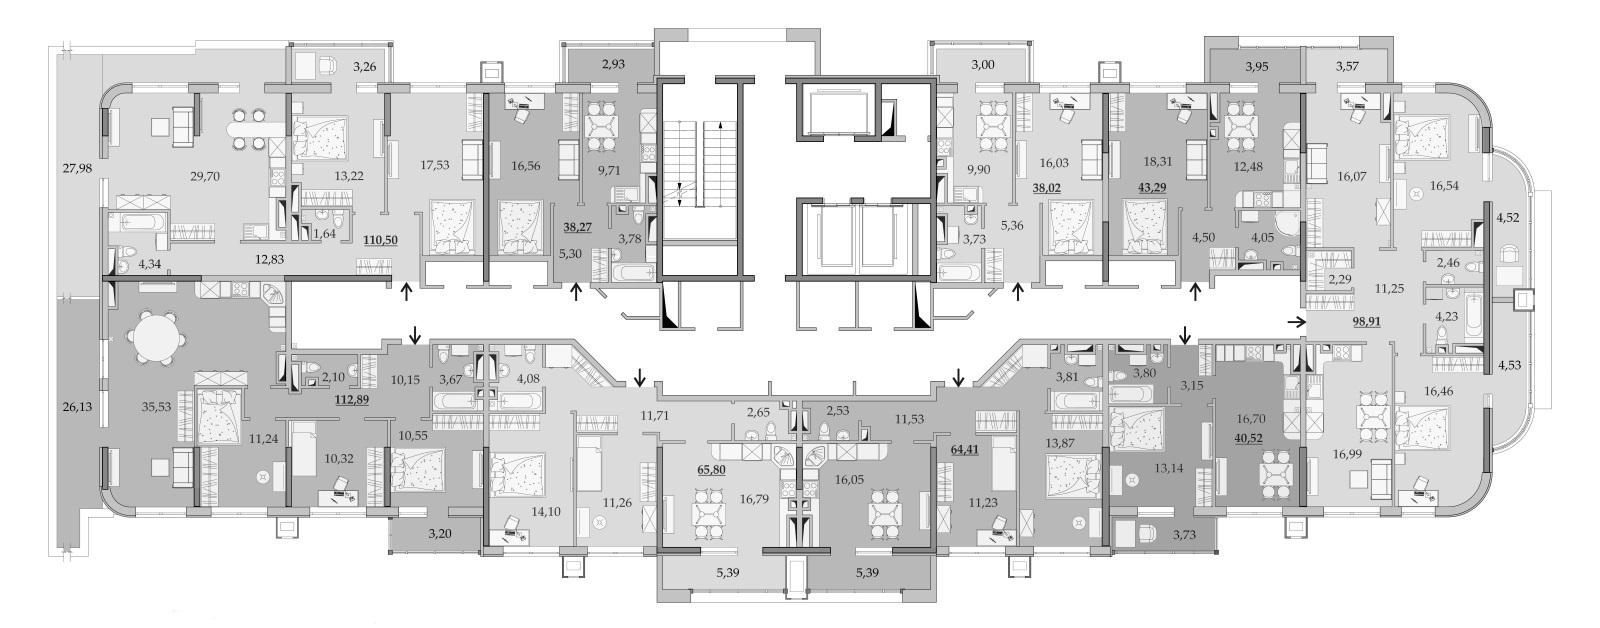 ЖК Таировские Сады Секция 1 Планировка 15 этажа